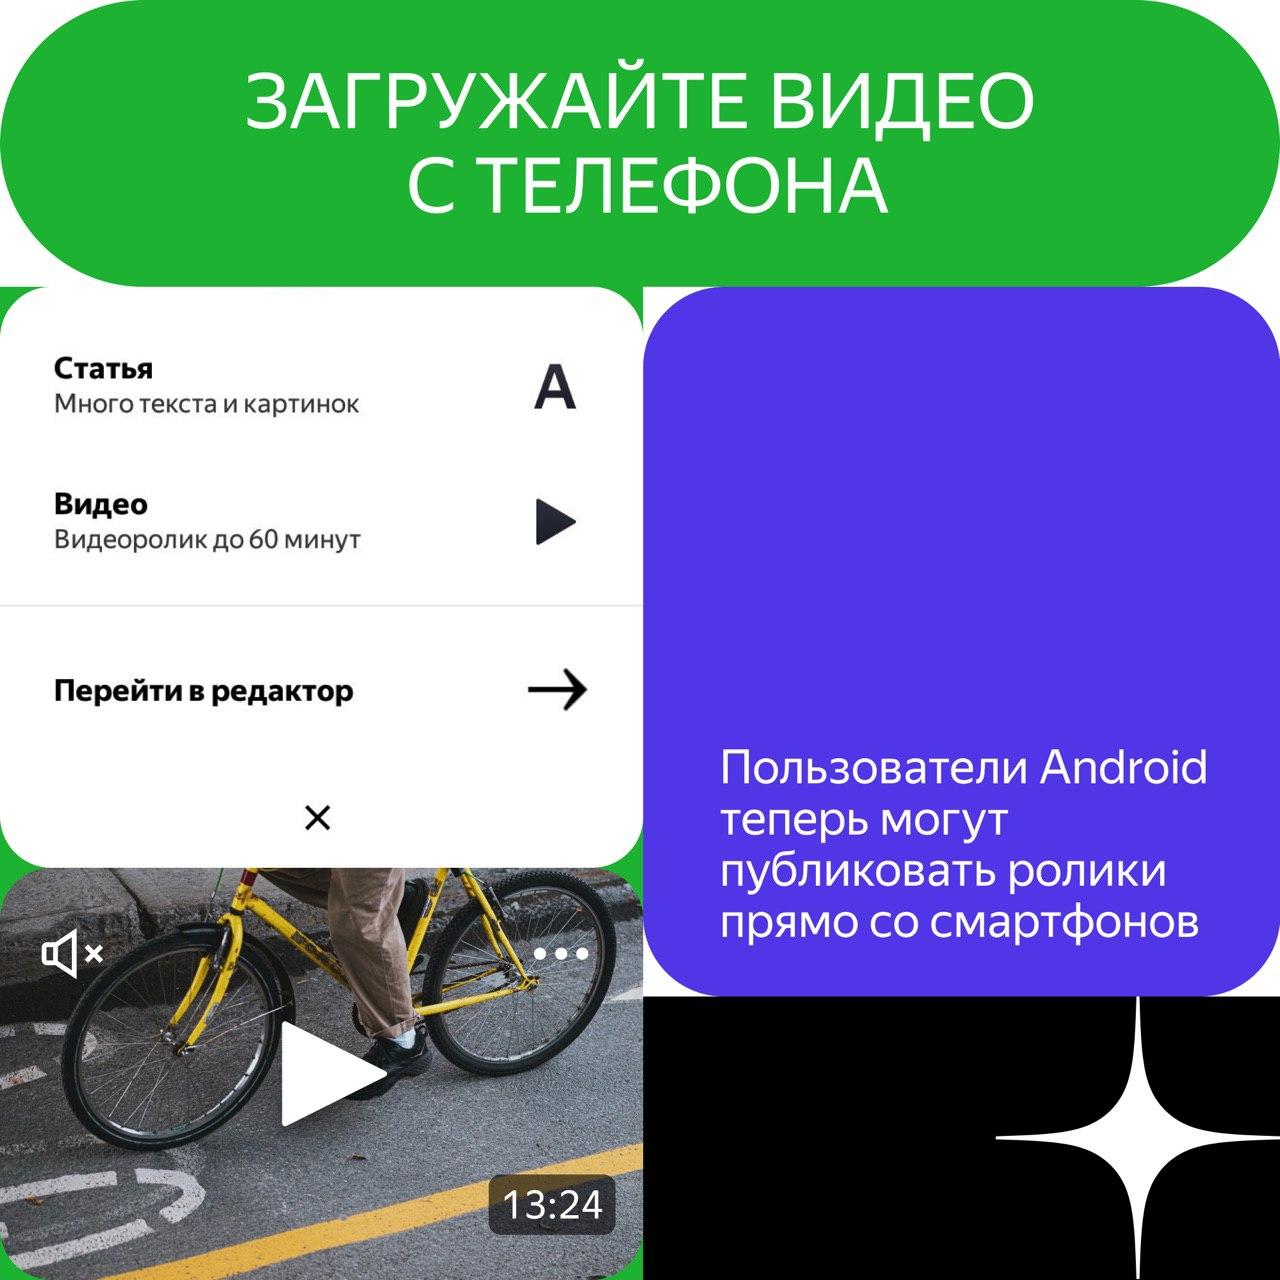 Яндекс.Дзен добавил возможность публиковать видео со смартфона